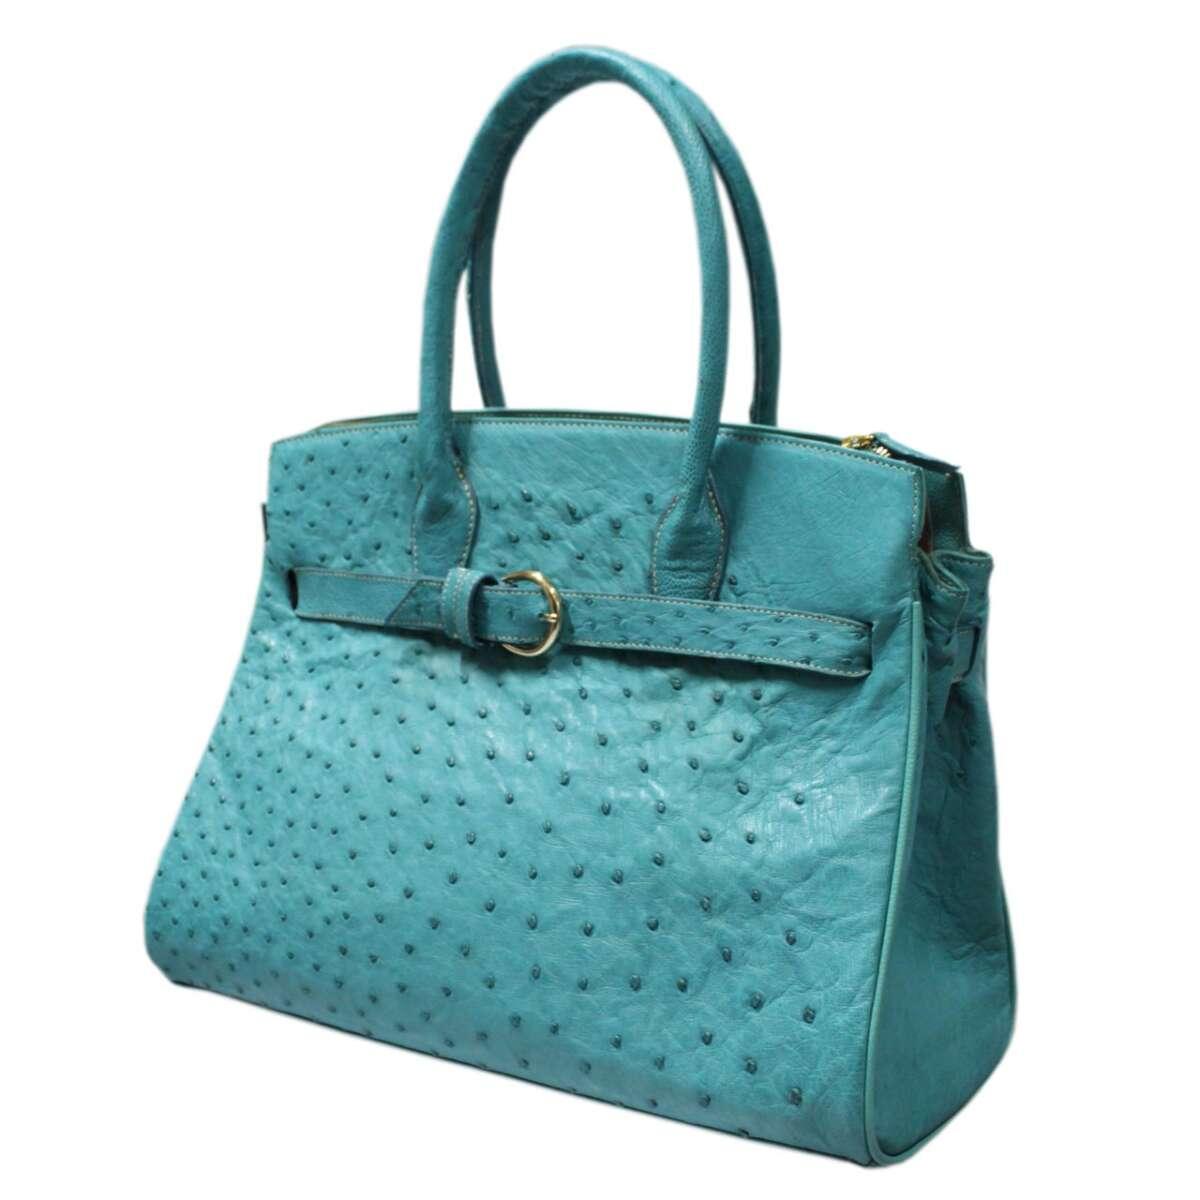 Túi xách nữ da đà điểu E007b